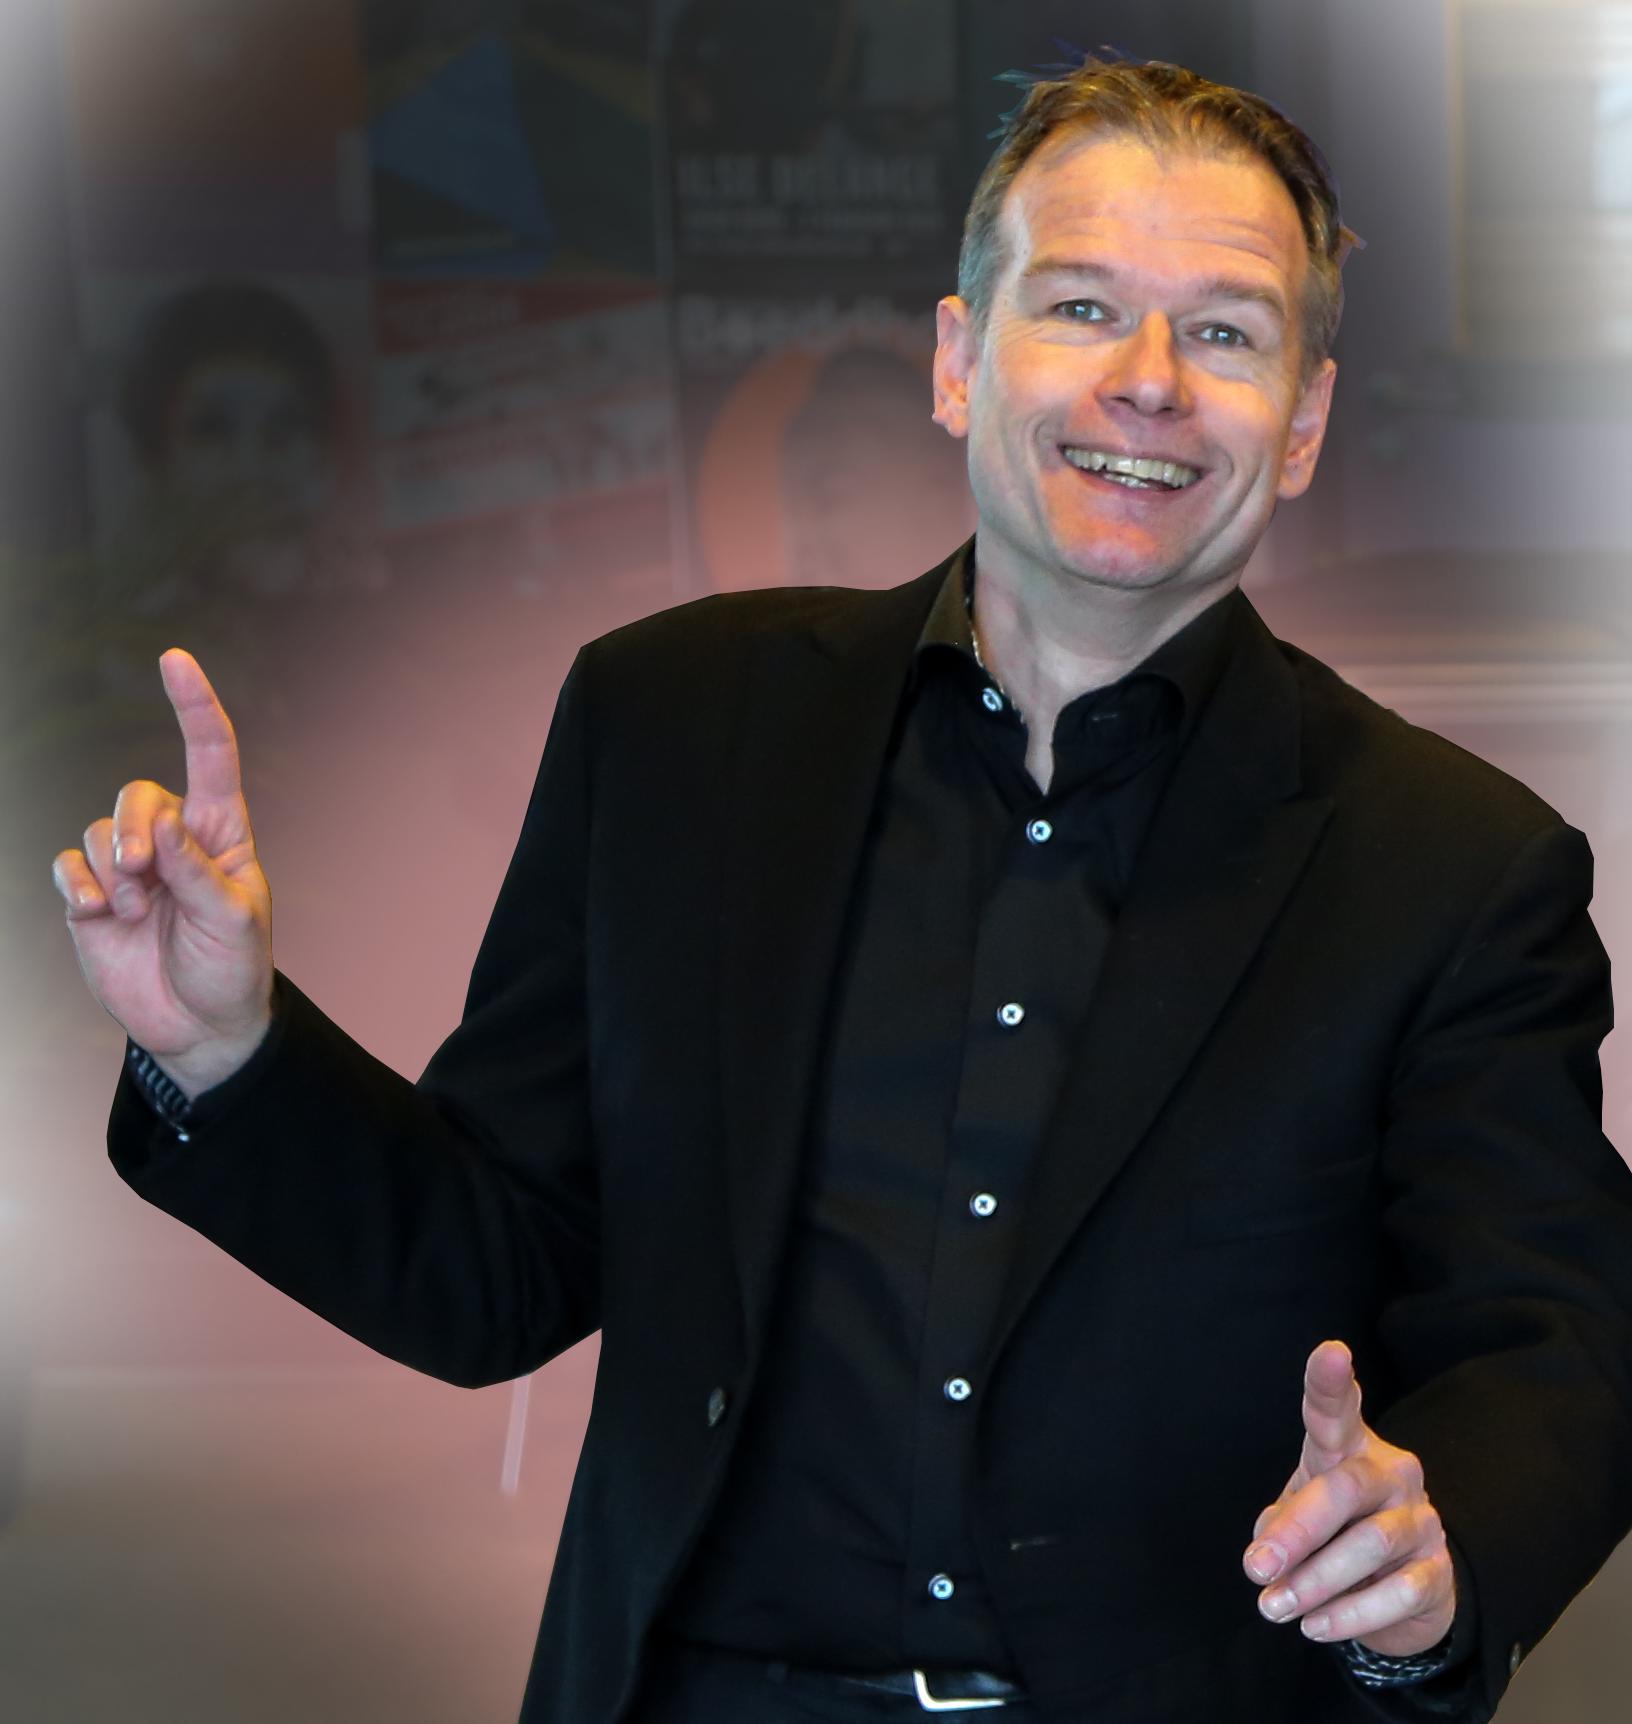 Peter Wagenaar